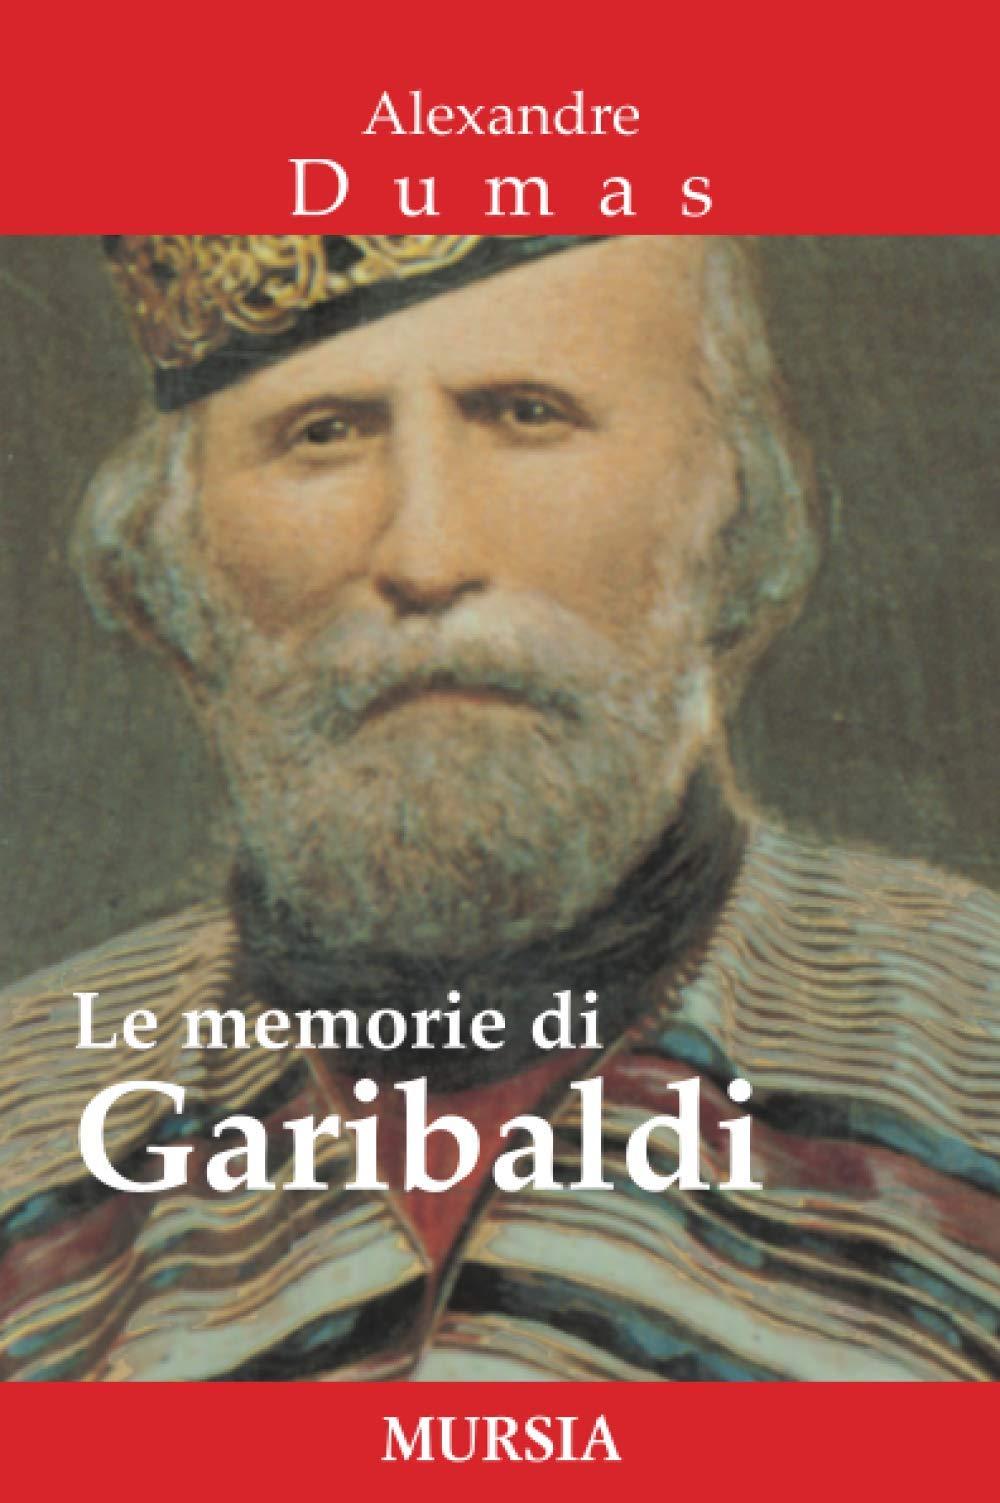 Image of Le memorie di Garibaldi